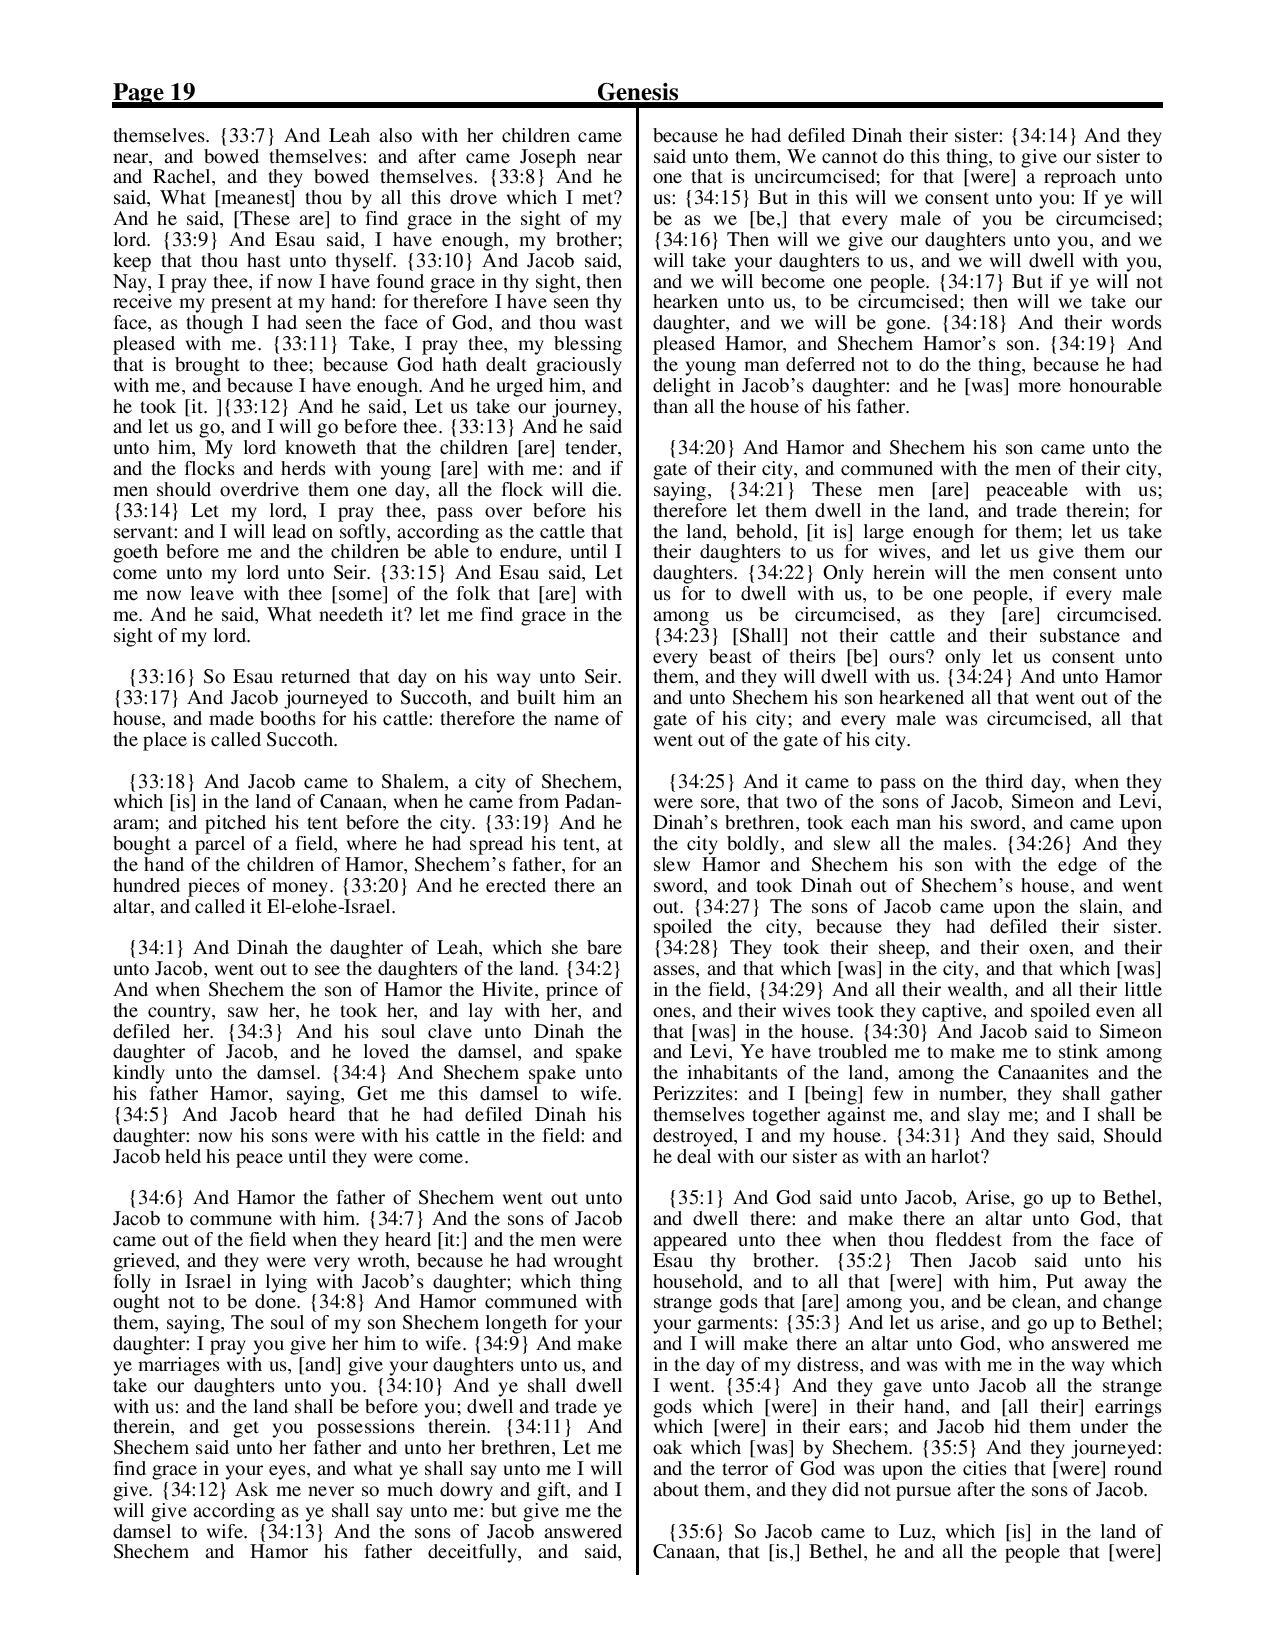 King-James-Bible-KJV-Bible-PDF-page-040